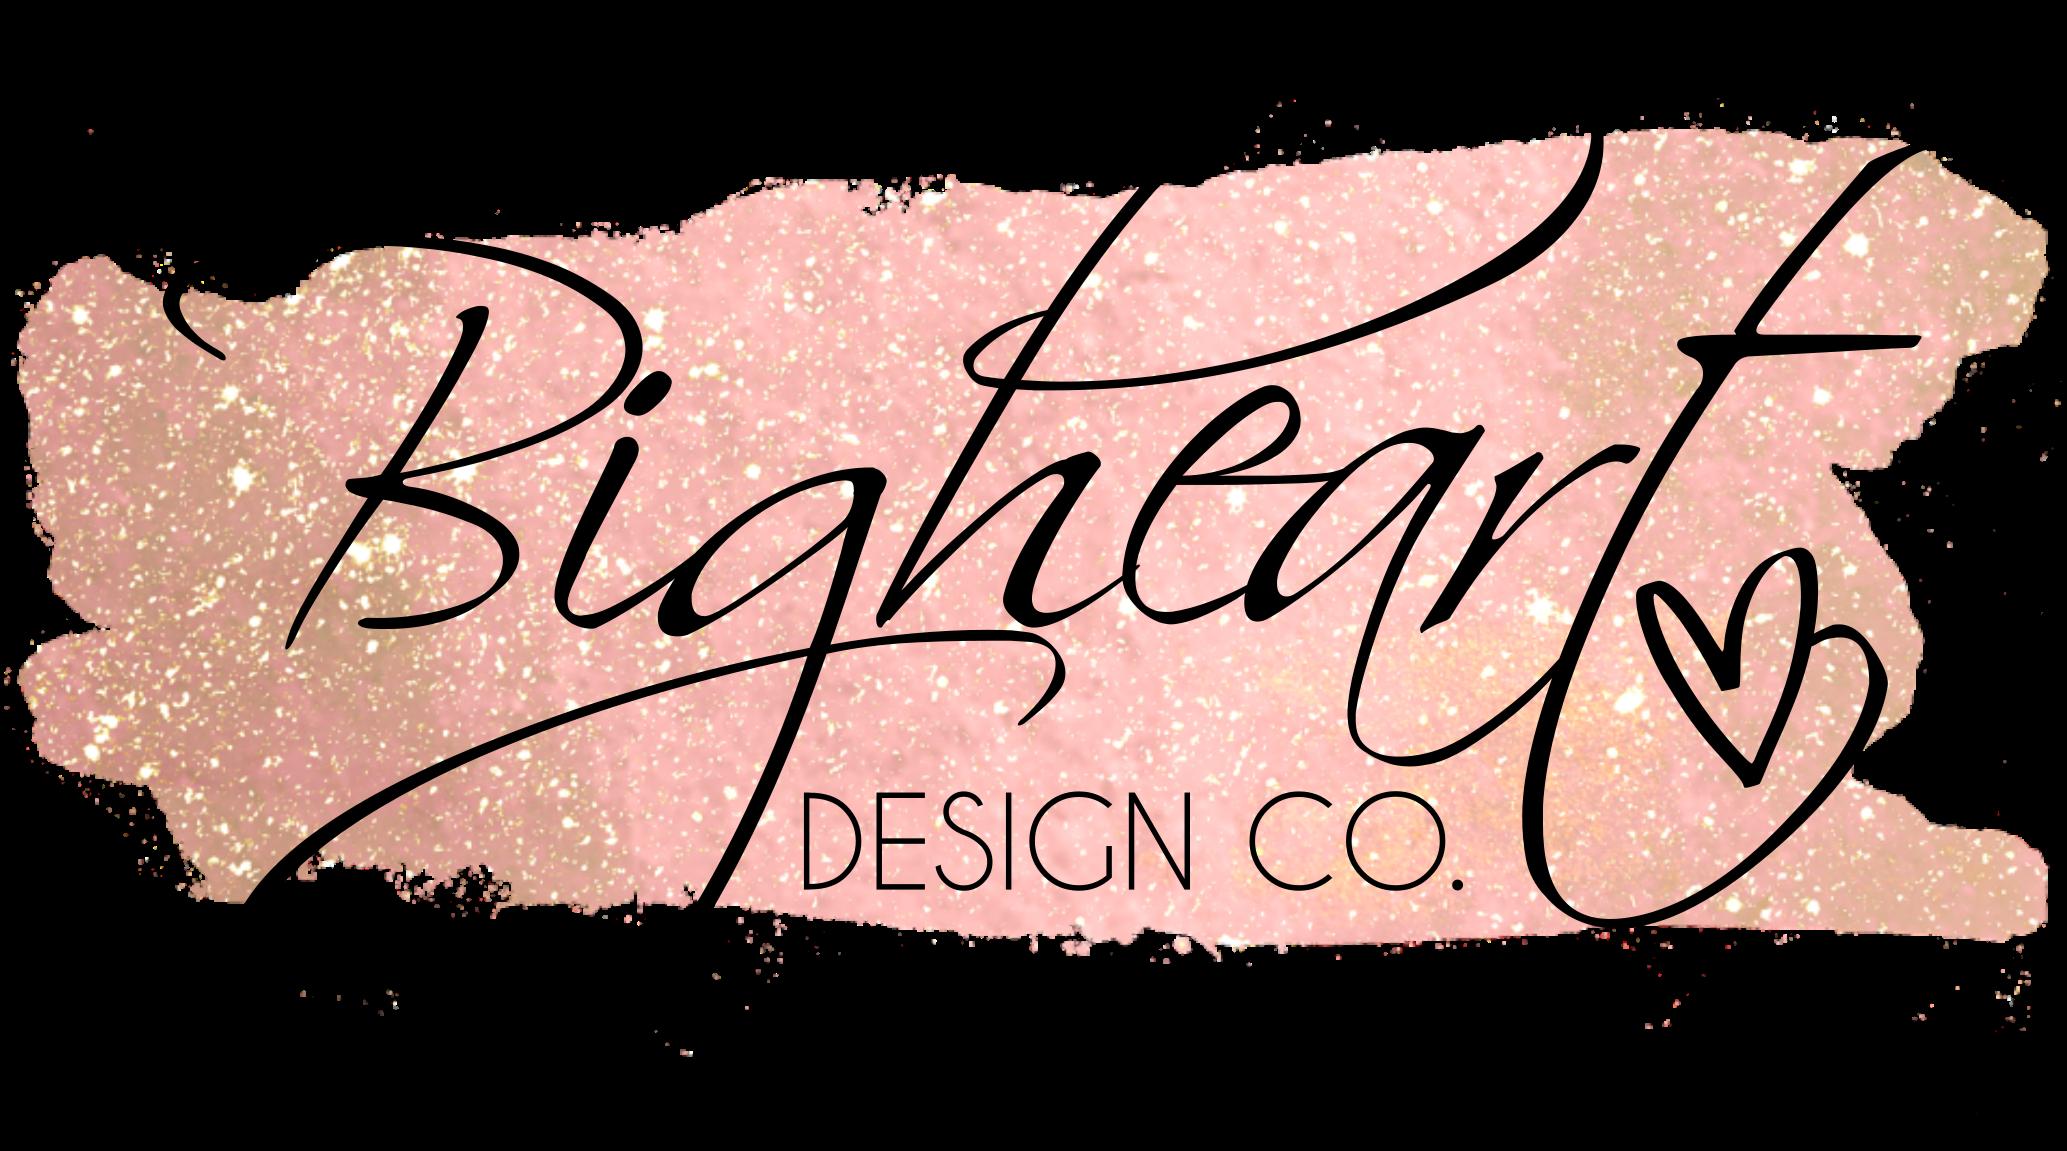 Bigheart Design Co.